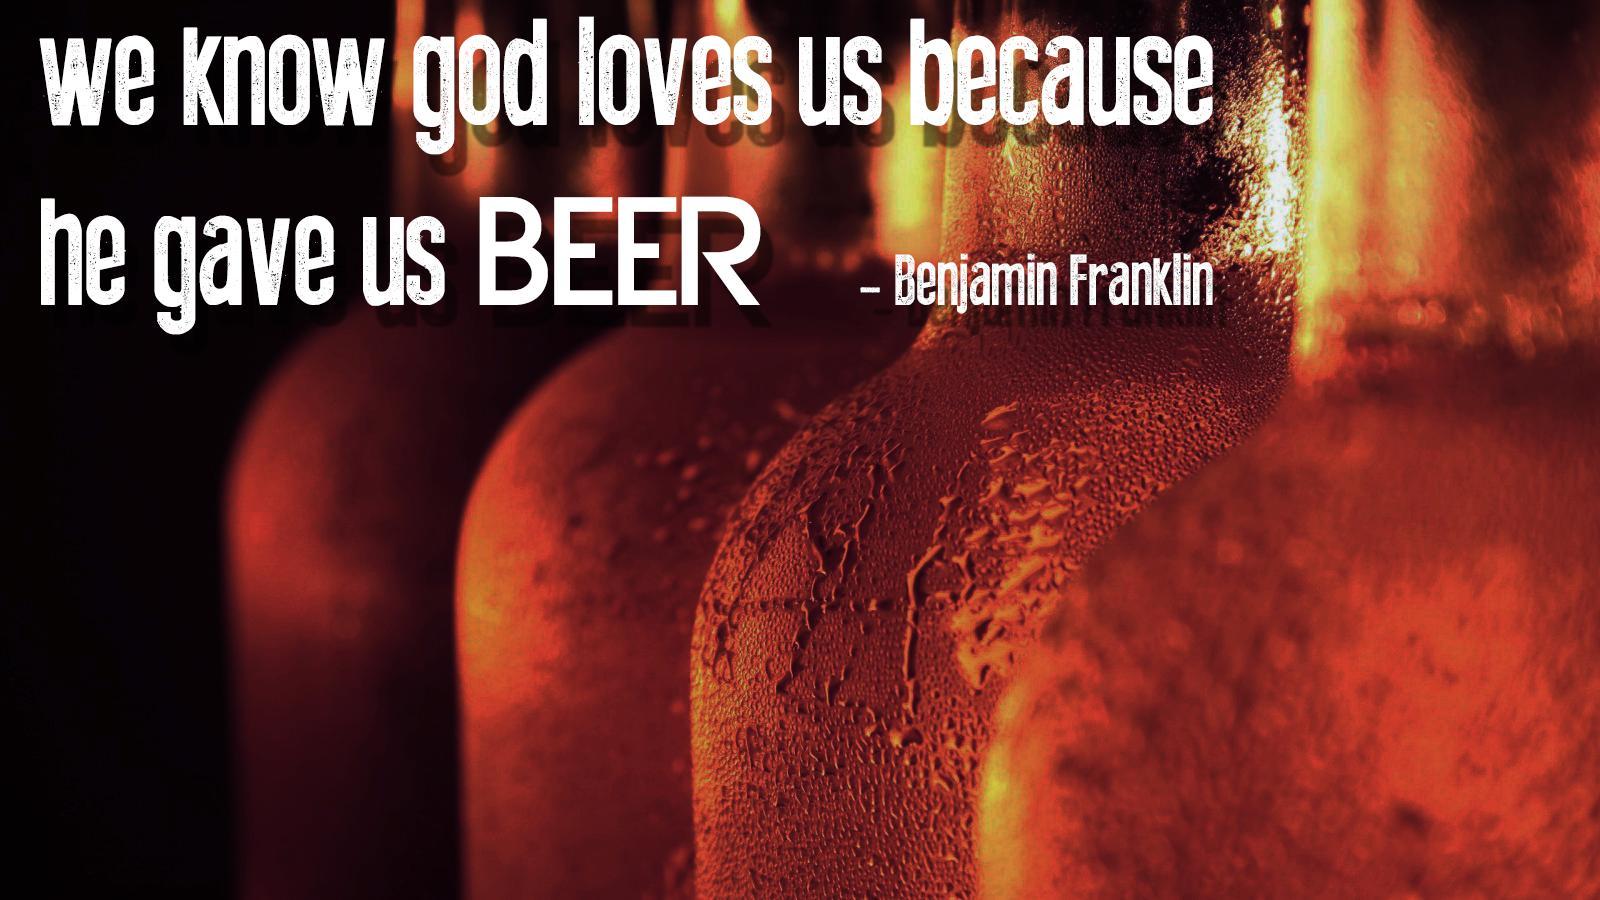 1600x900 px beer benjamin franklin God love 1766829